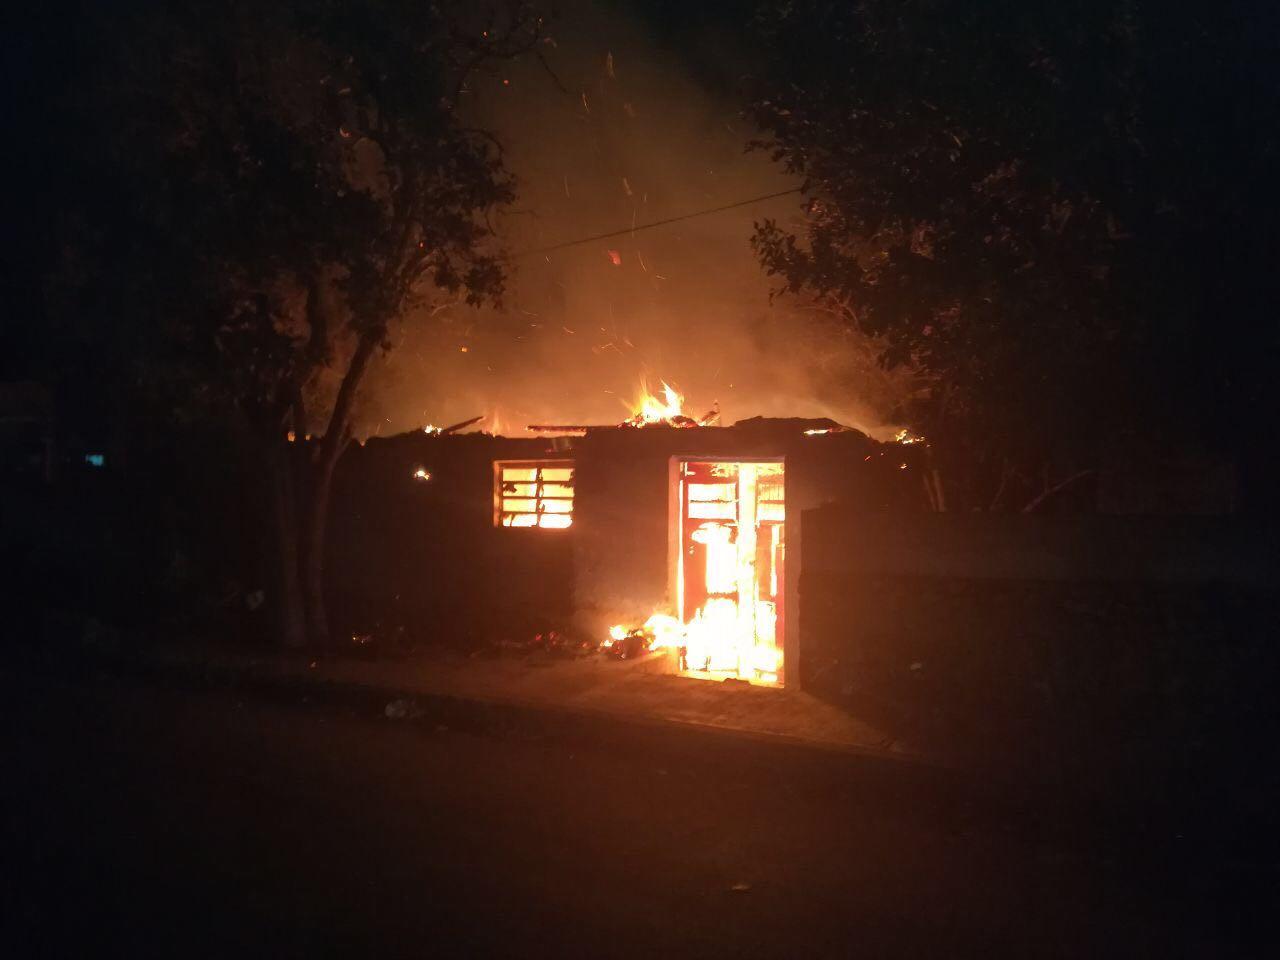 Viajan a Mérida y se quedan sin vivienda por incendio